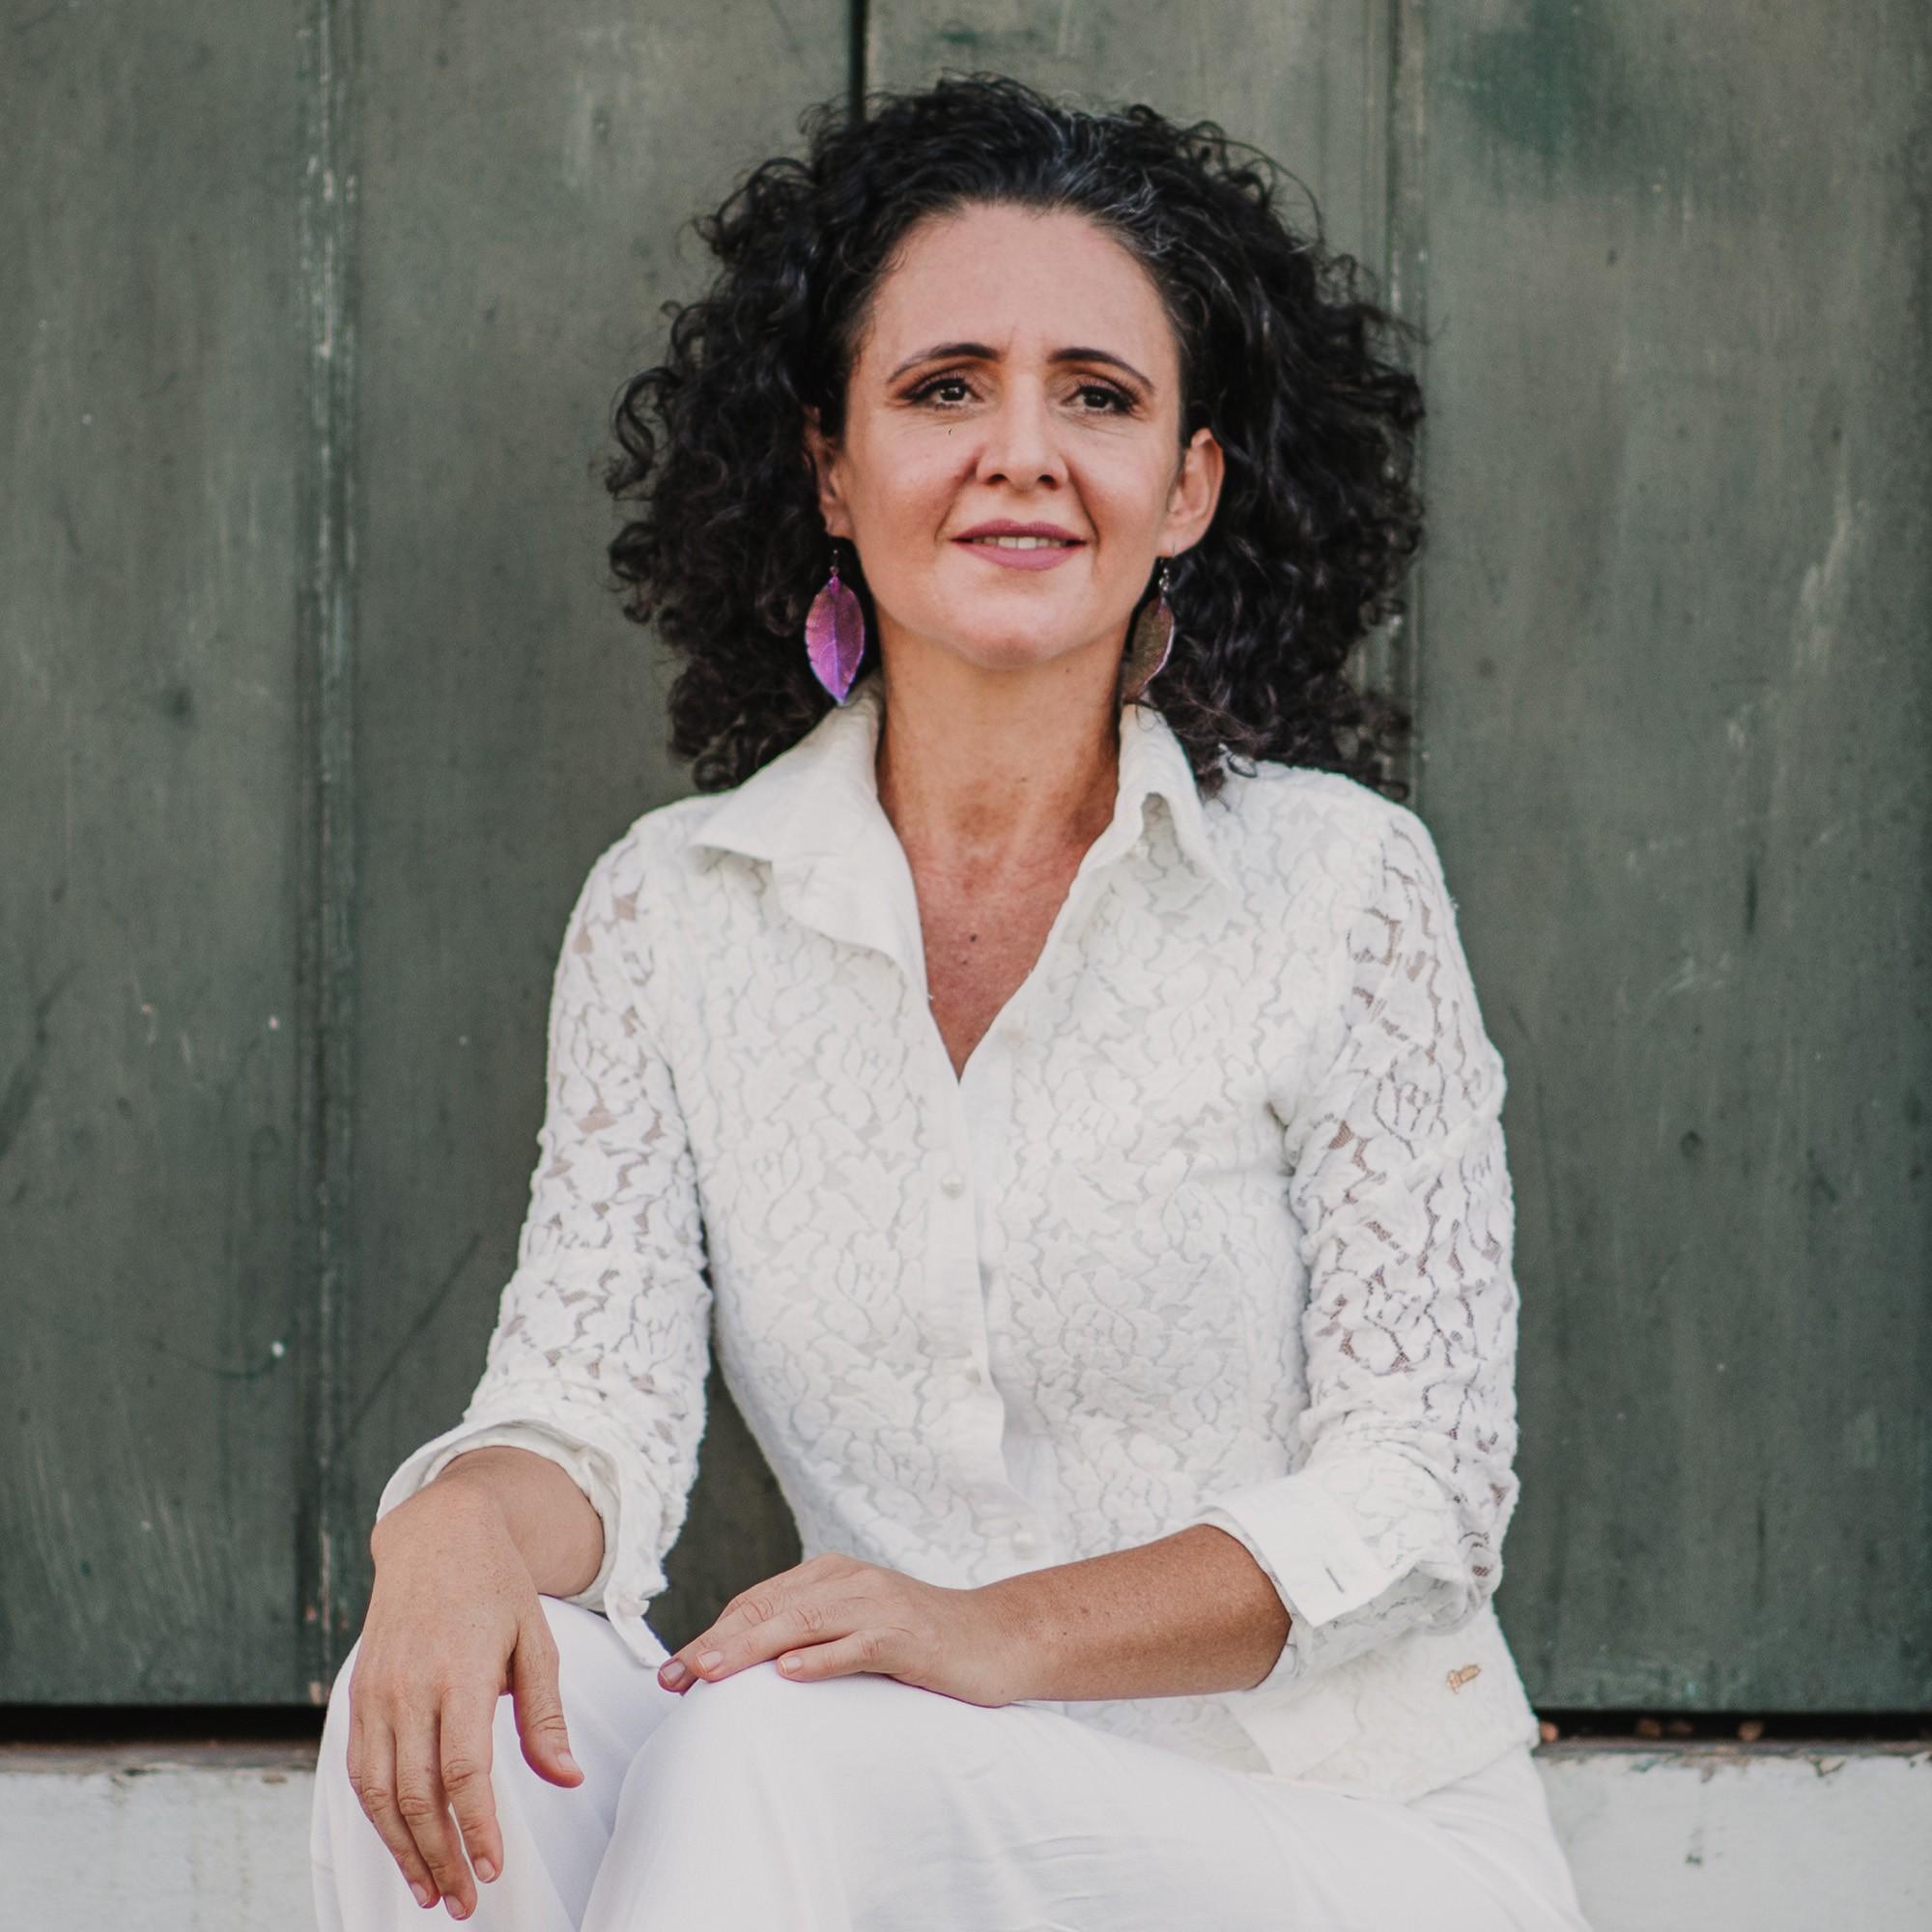 Flavia Wenceslau reúne 40 músicas inéditas nos quatro discos da série  autoral 'Dois acordes'